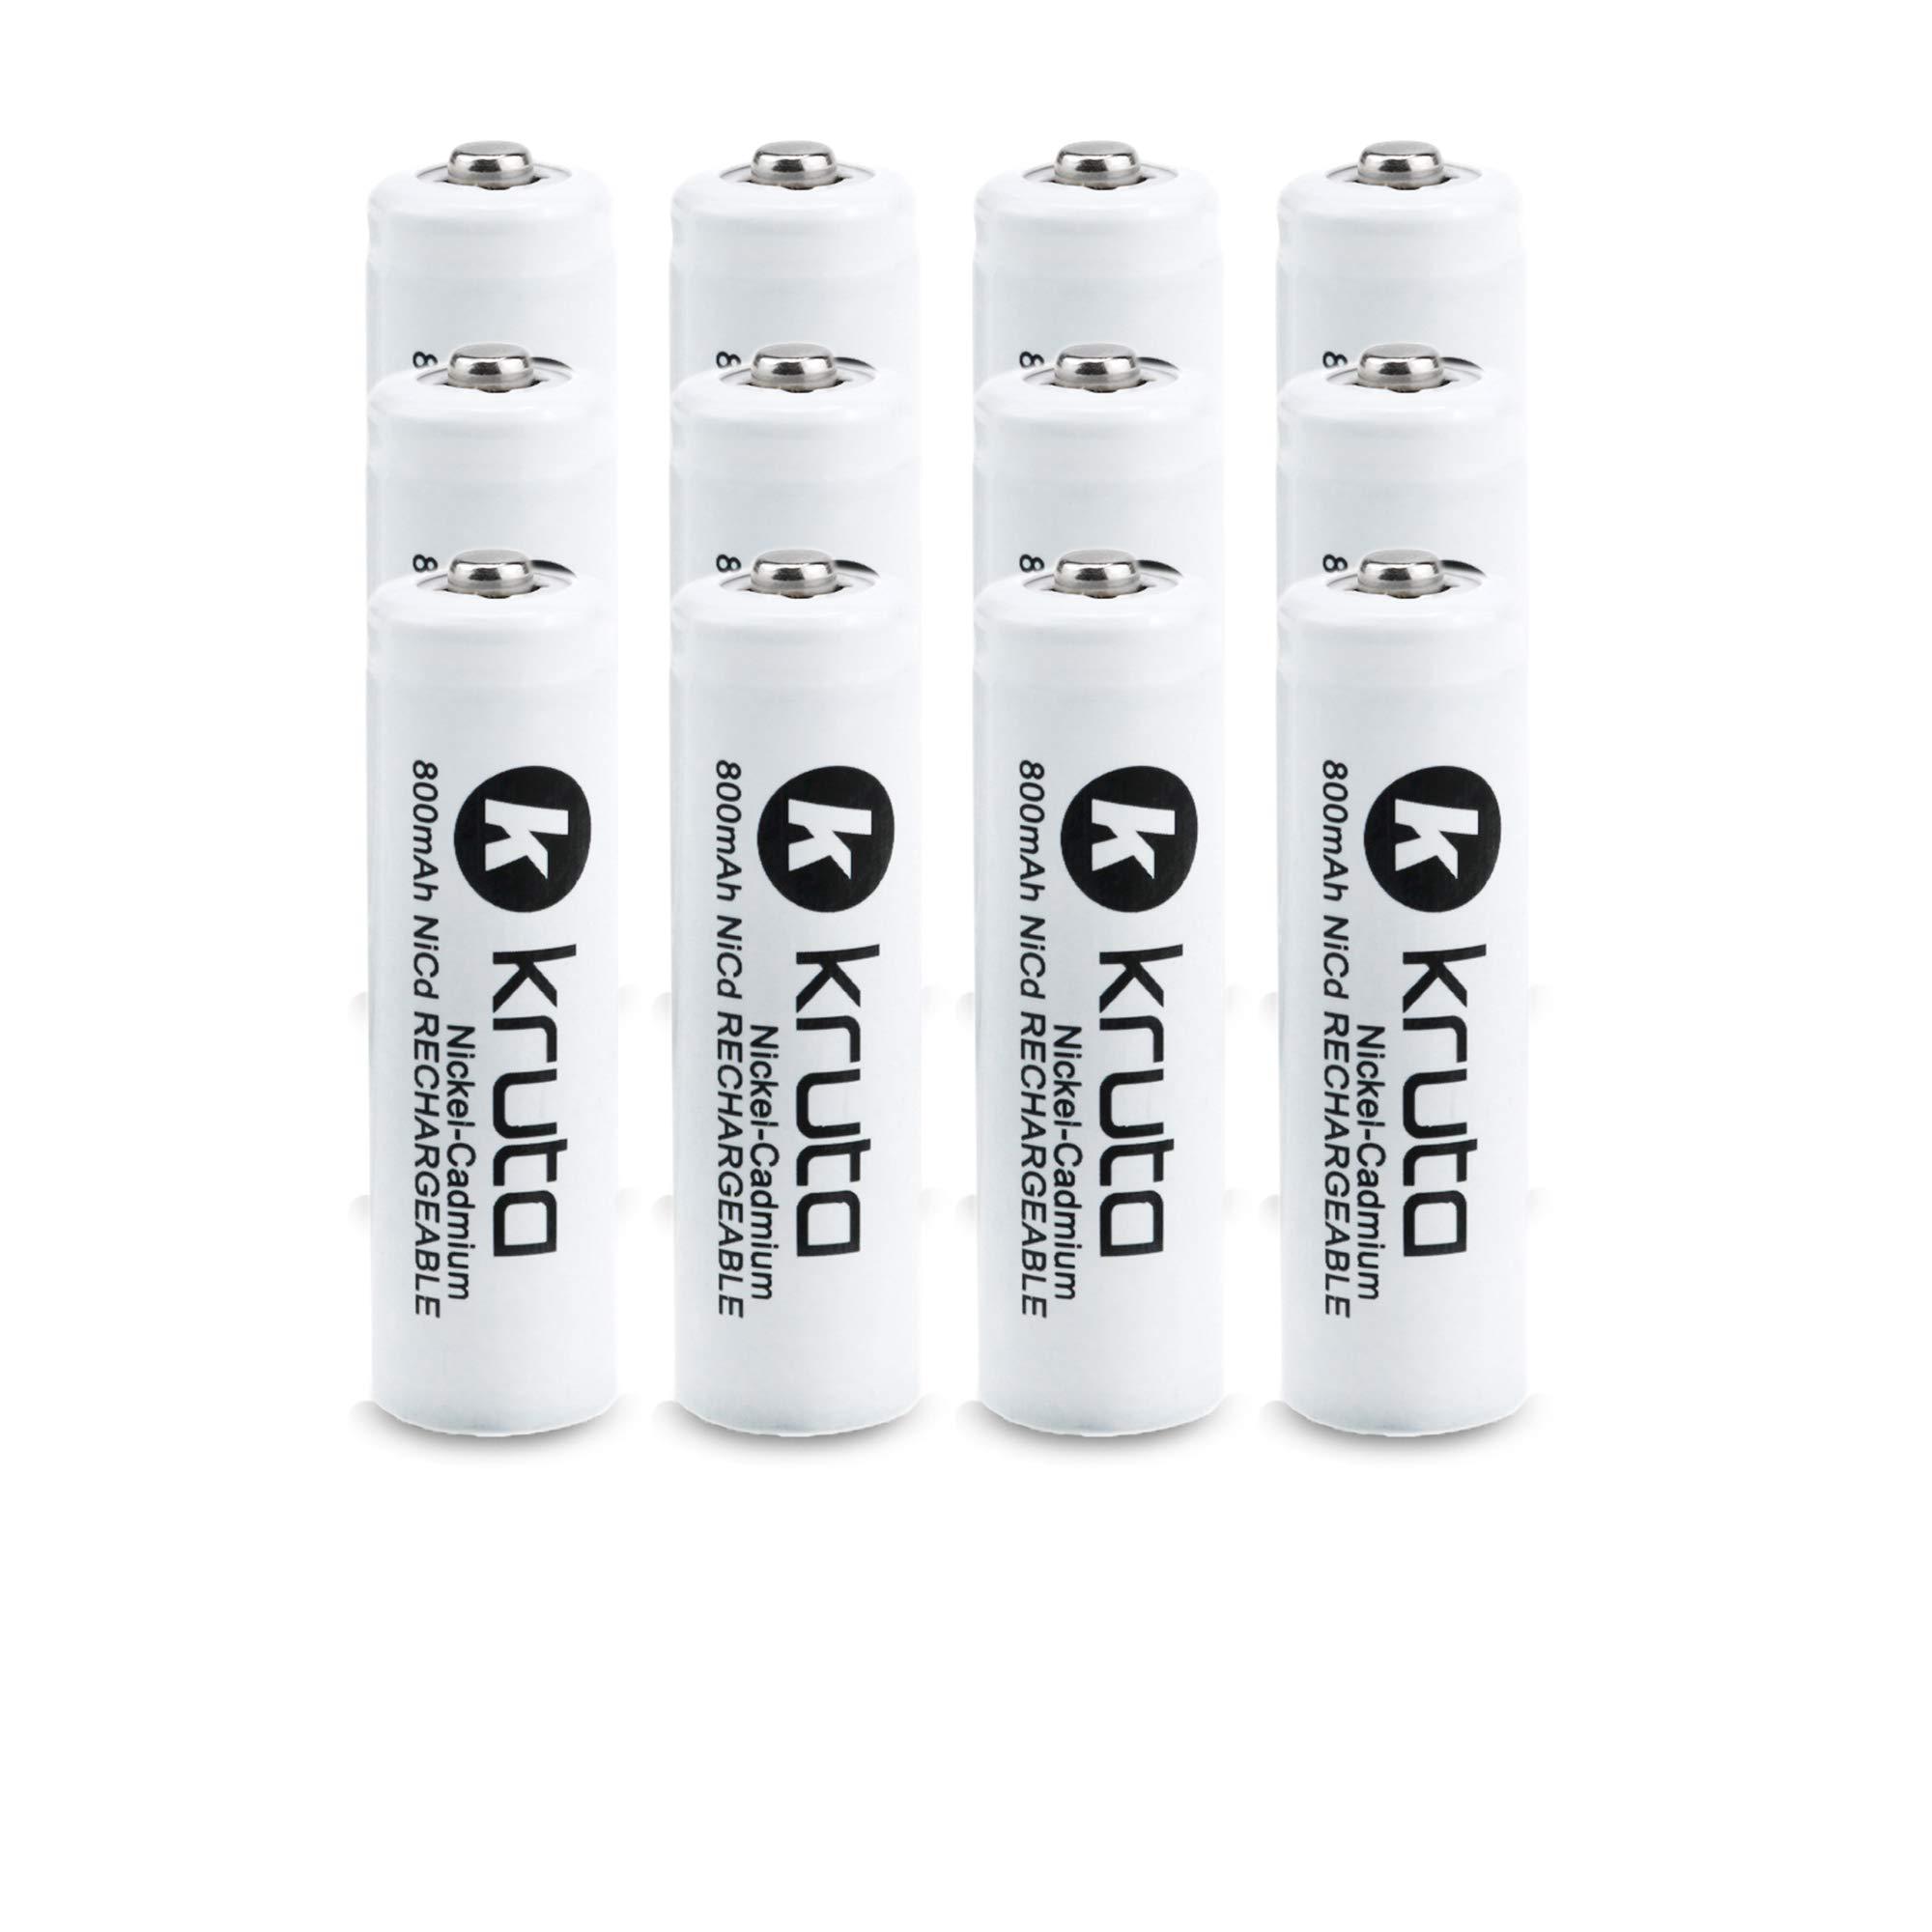 KRUTA Batteries Rechargeable Garden Rechargable